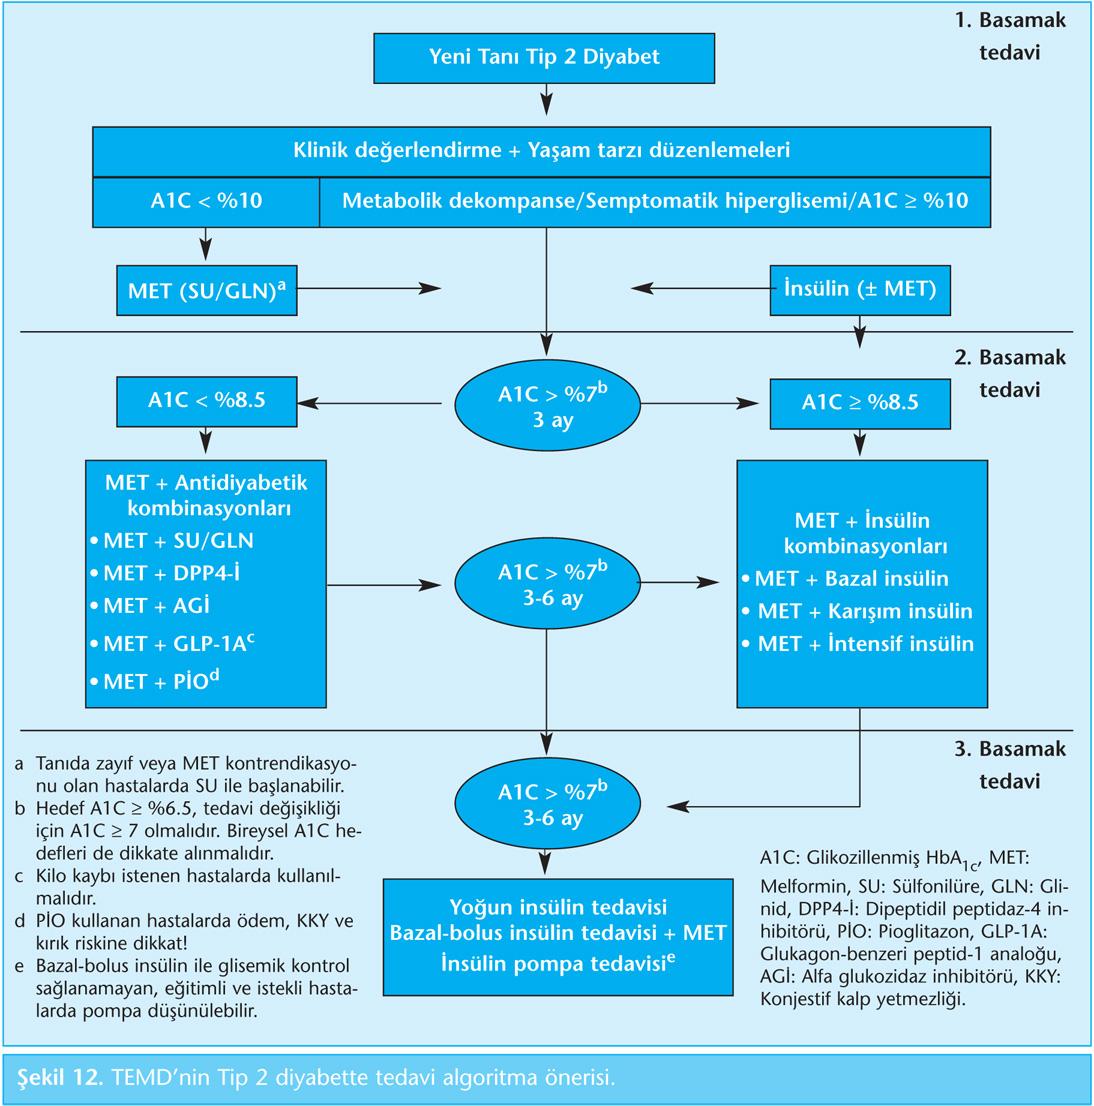 Yüzyılın hastalığı - tip 2 diabetes mellitus